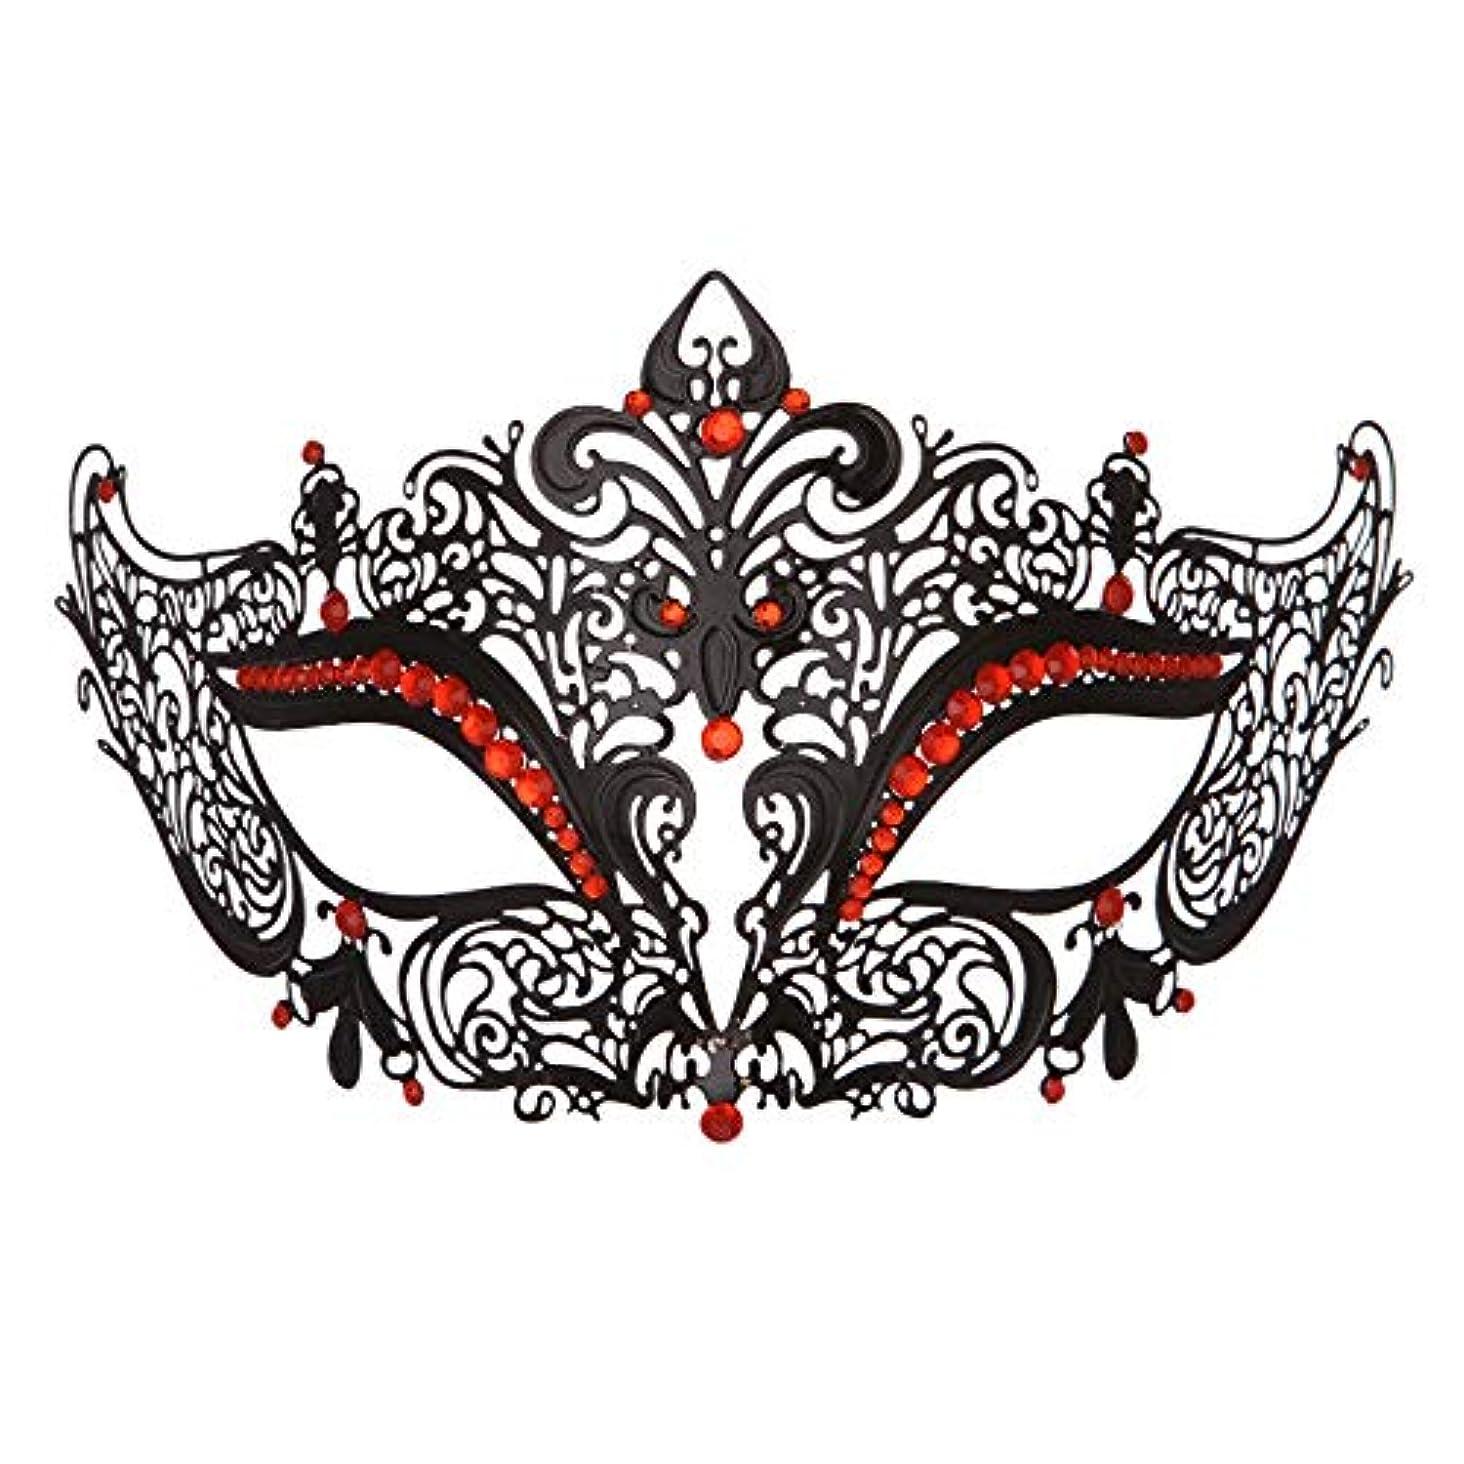 不平を言う廃棄するトンネルダンスマスク 高級金属鉄マスク女性美少女中空ハーフフェイスファッションナイトクラブパーティー仮面舞踏会マスク ホリデーパーティー用品 (色 : 白, サイズ : 19x8cm)